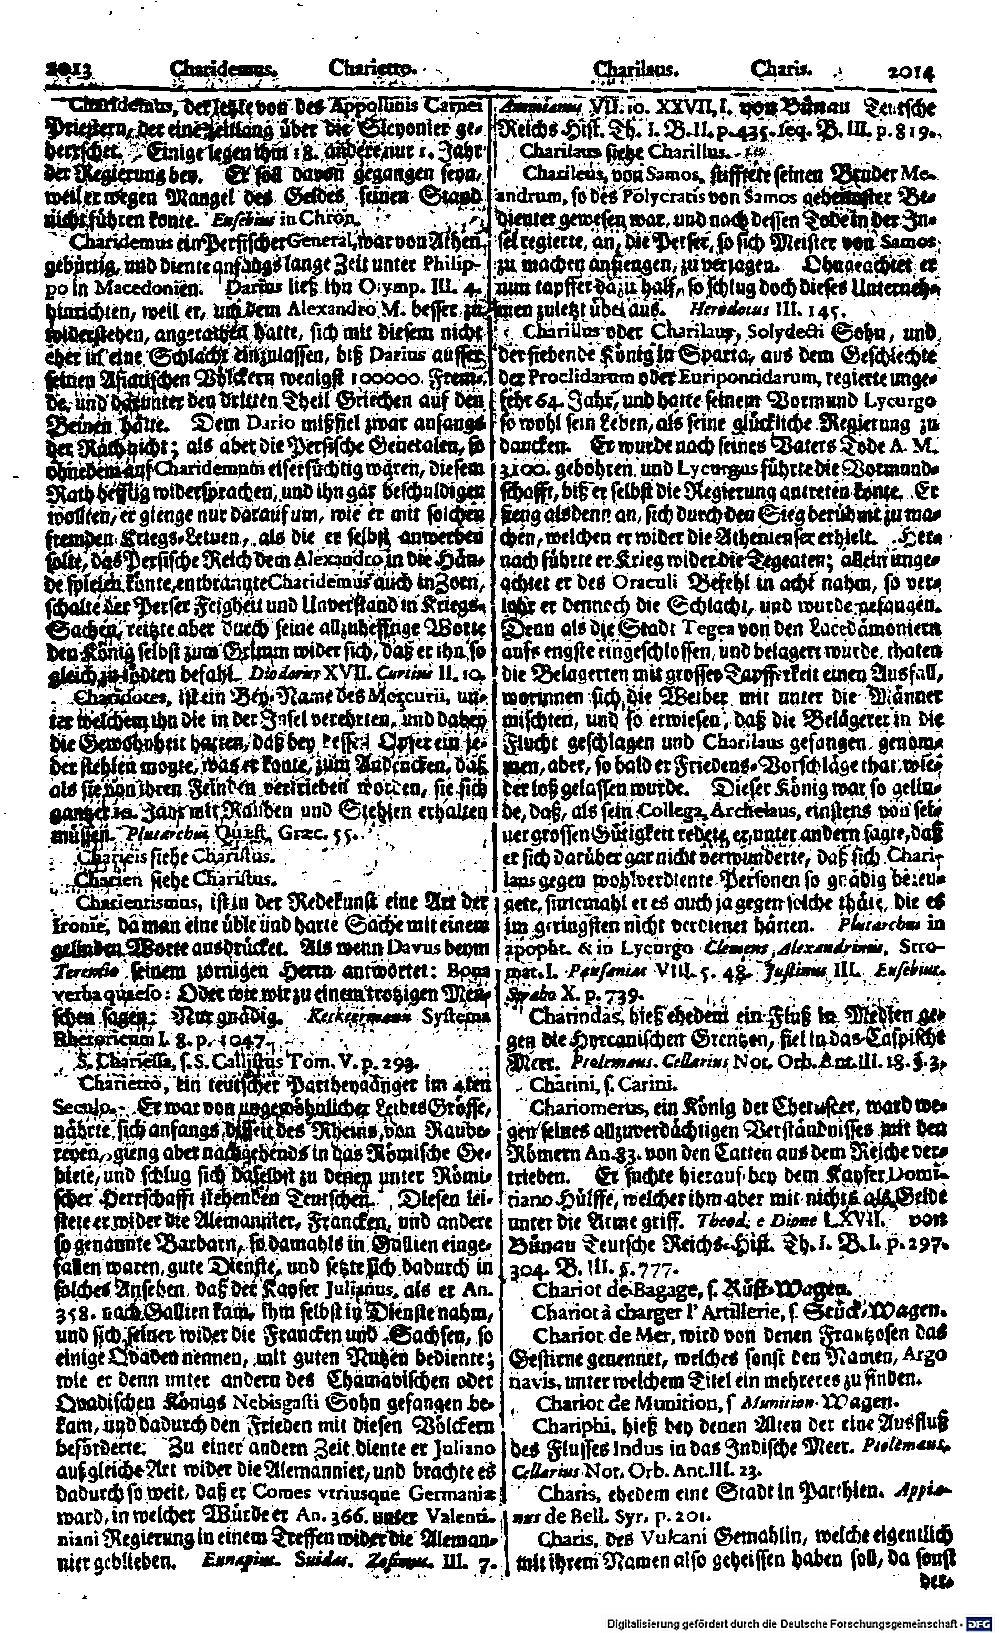 Bd. 05, Seite 0932.